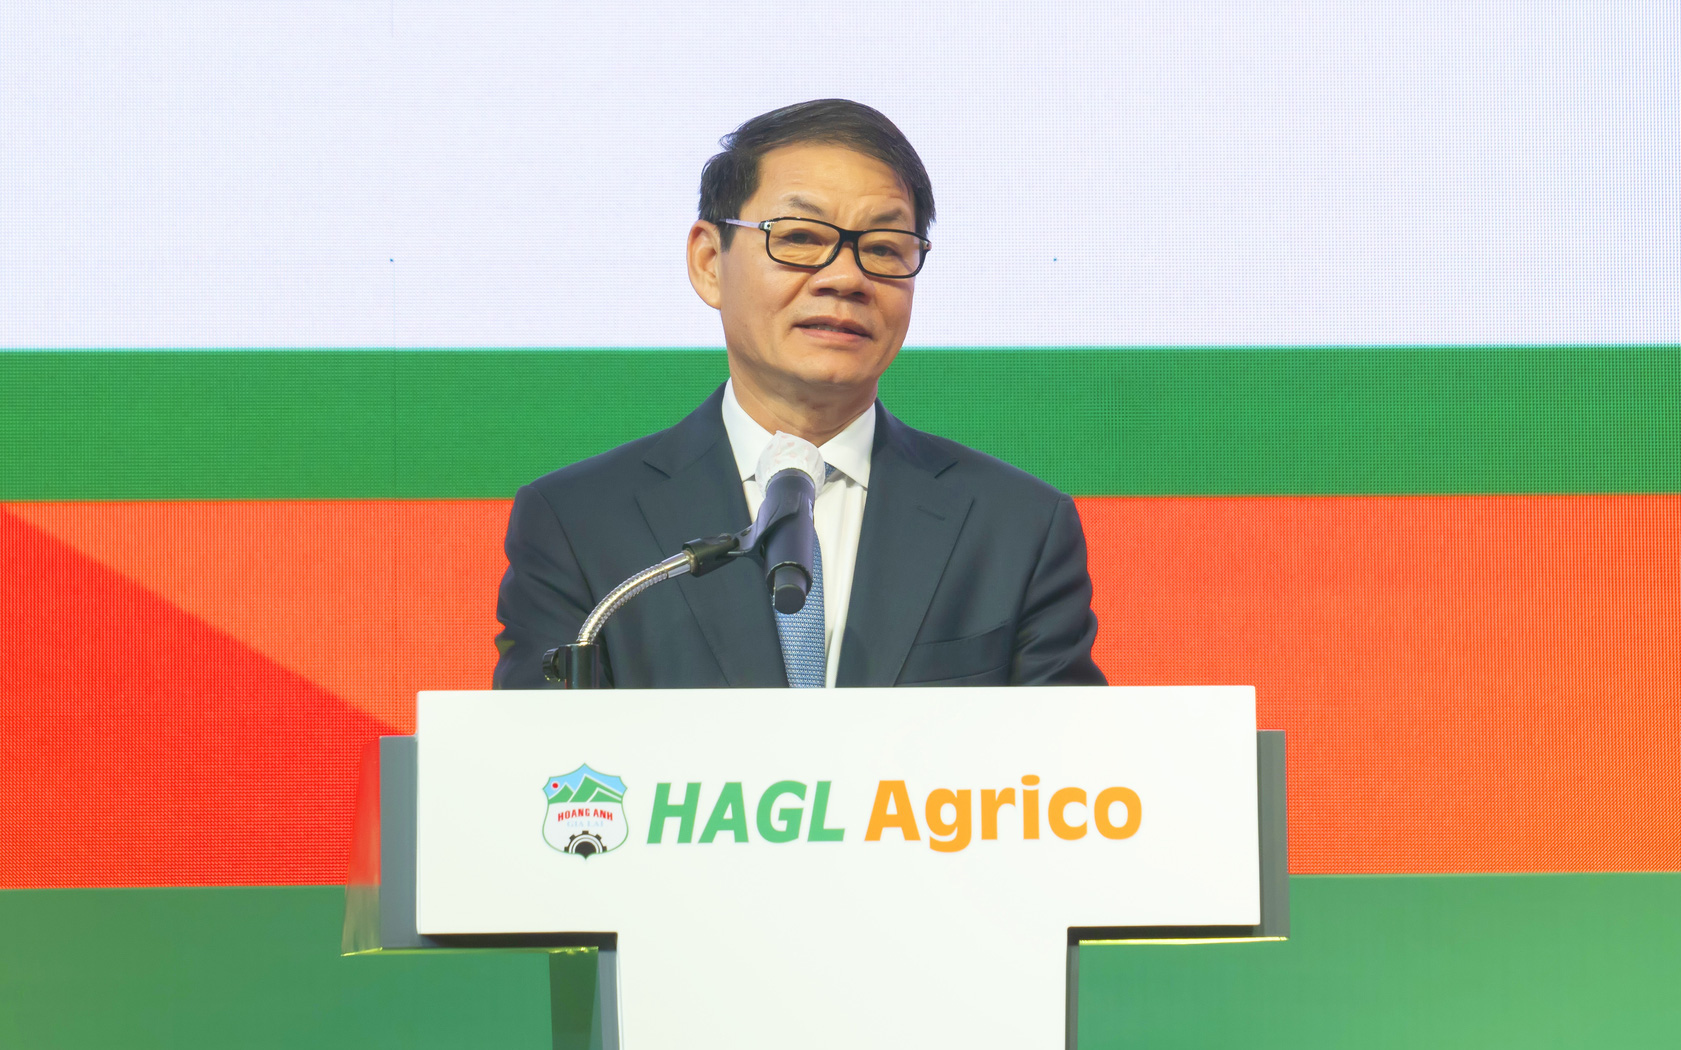 """HAGL Agrico """"cài số lùi"""" về lợi nhuận năm đầu tiên về tay tỷ phú Trần Bá Dương - Ảnh 2."""